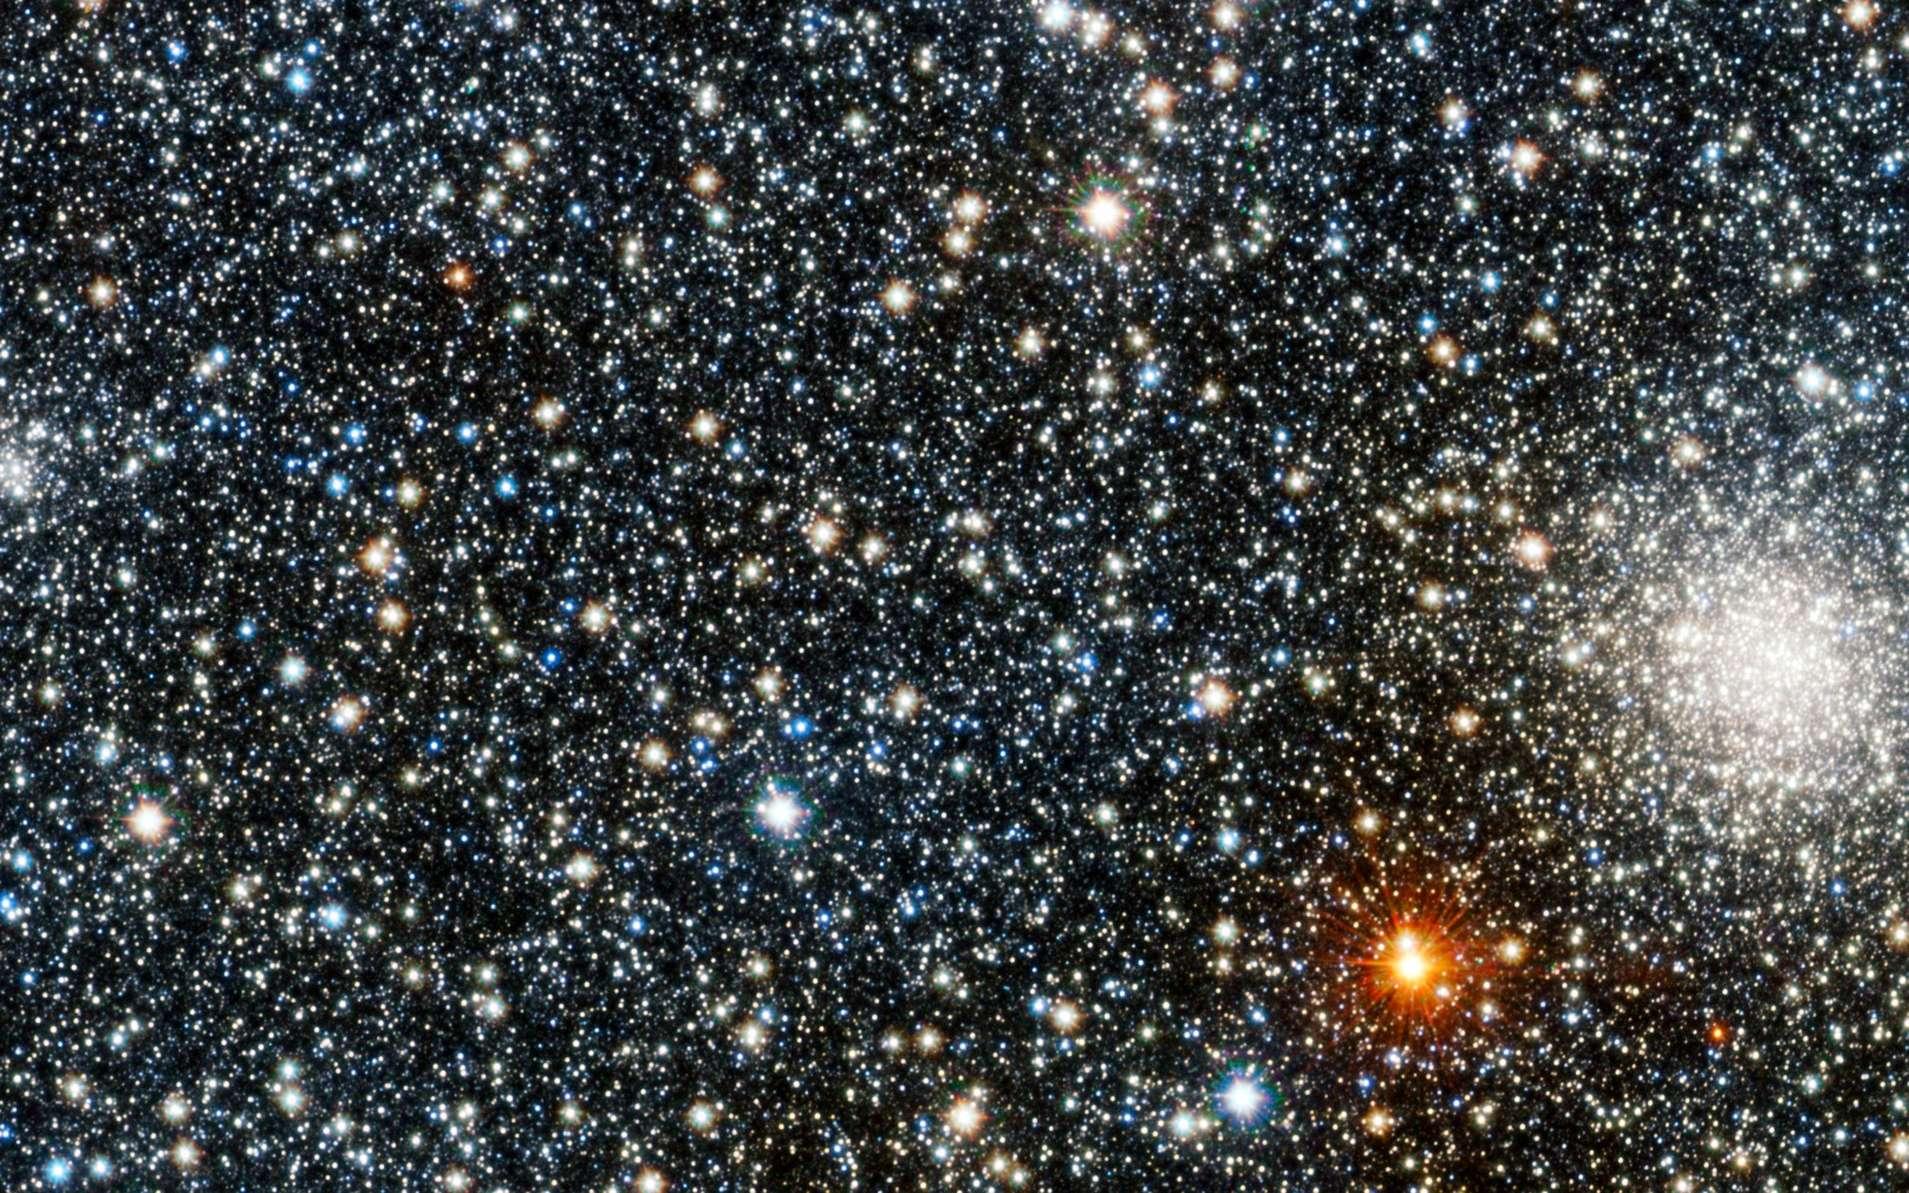 L'amas globulaire VVV CL001 se laisse deviner à gauche de l'amas UKS 1, bien plus brillant sur cette image en fausses couleurs. © ESO/D. Minniti/VVV Team